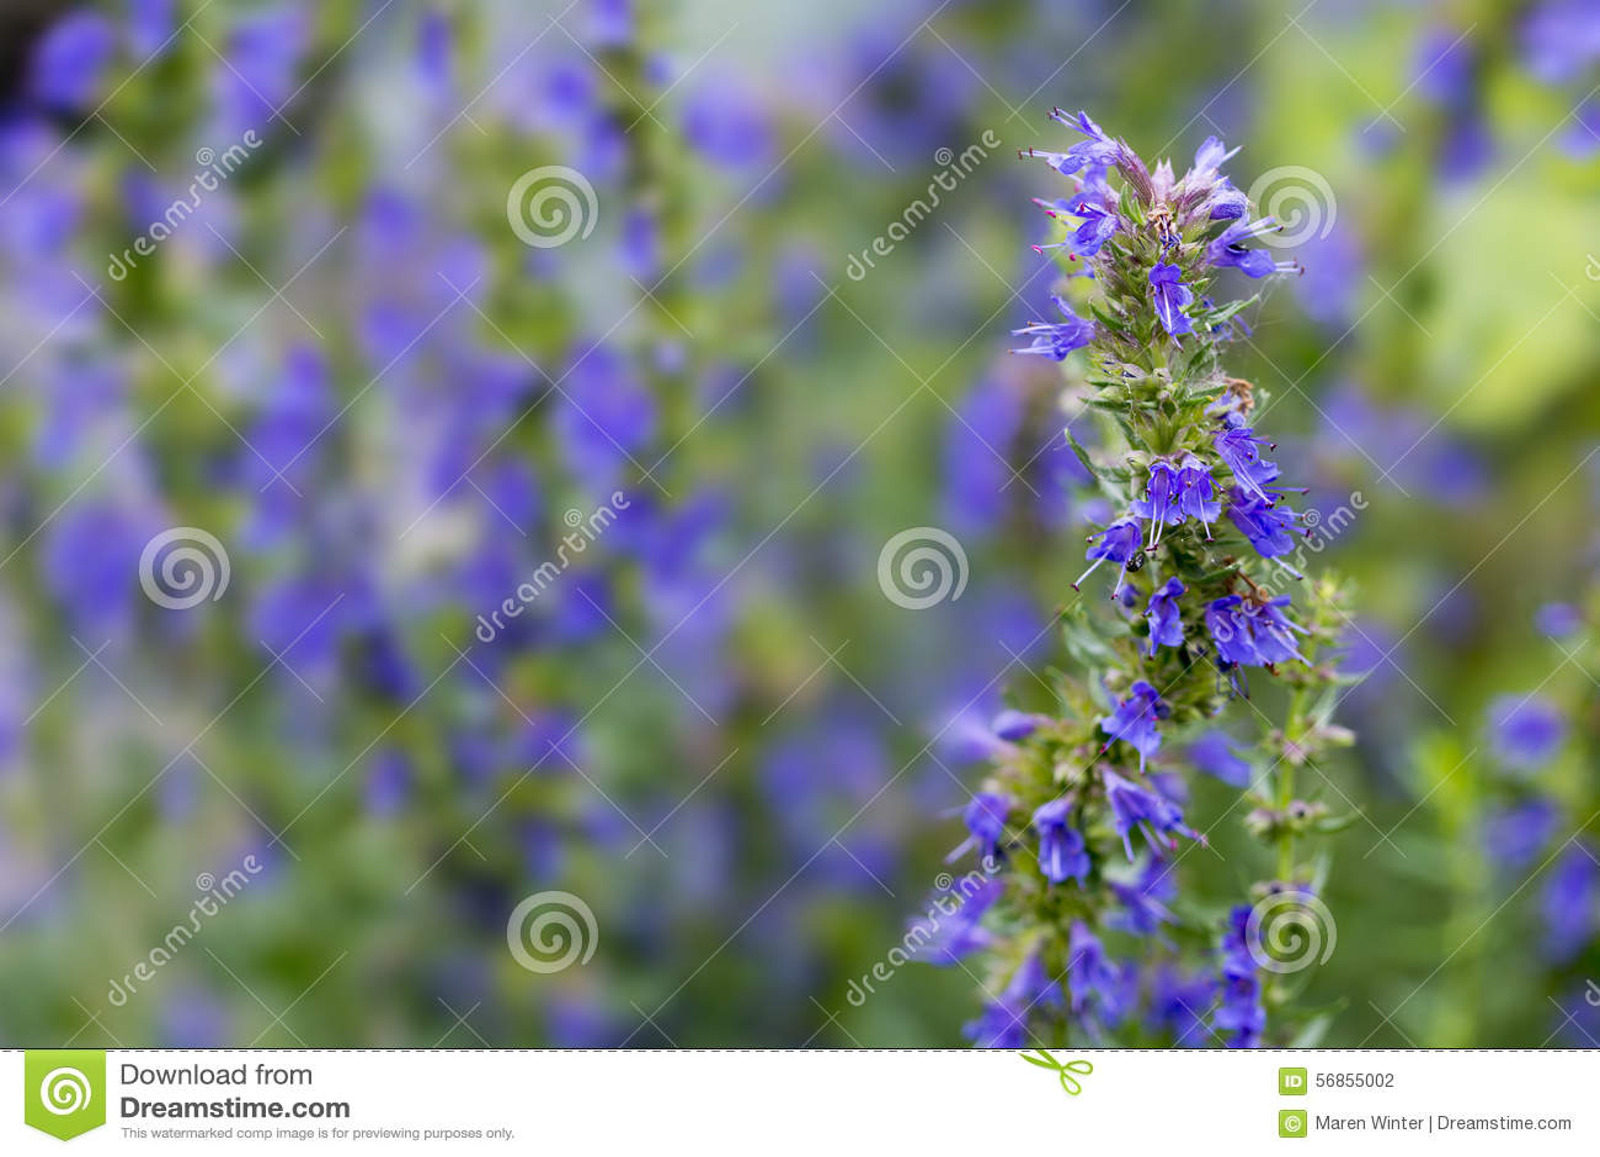 Hyssop flowers in the herb garden, blurred background